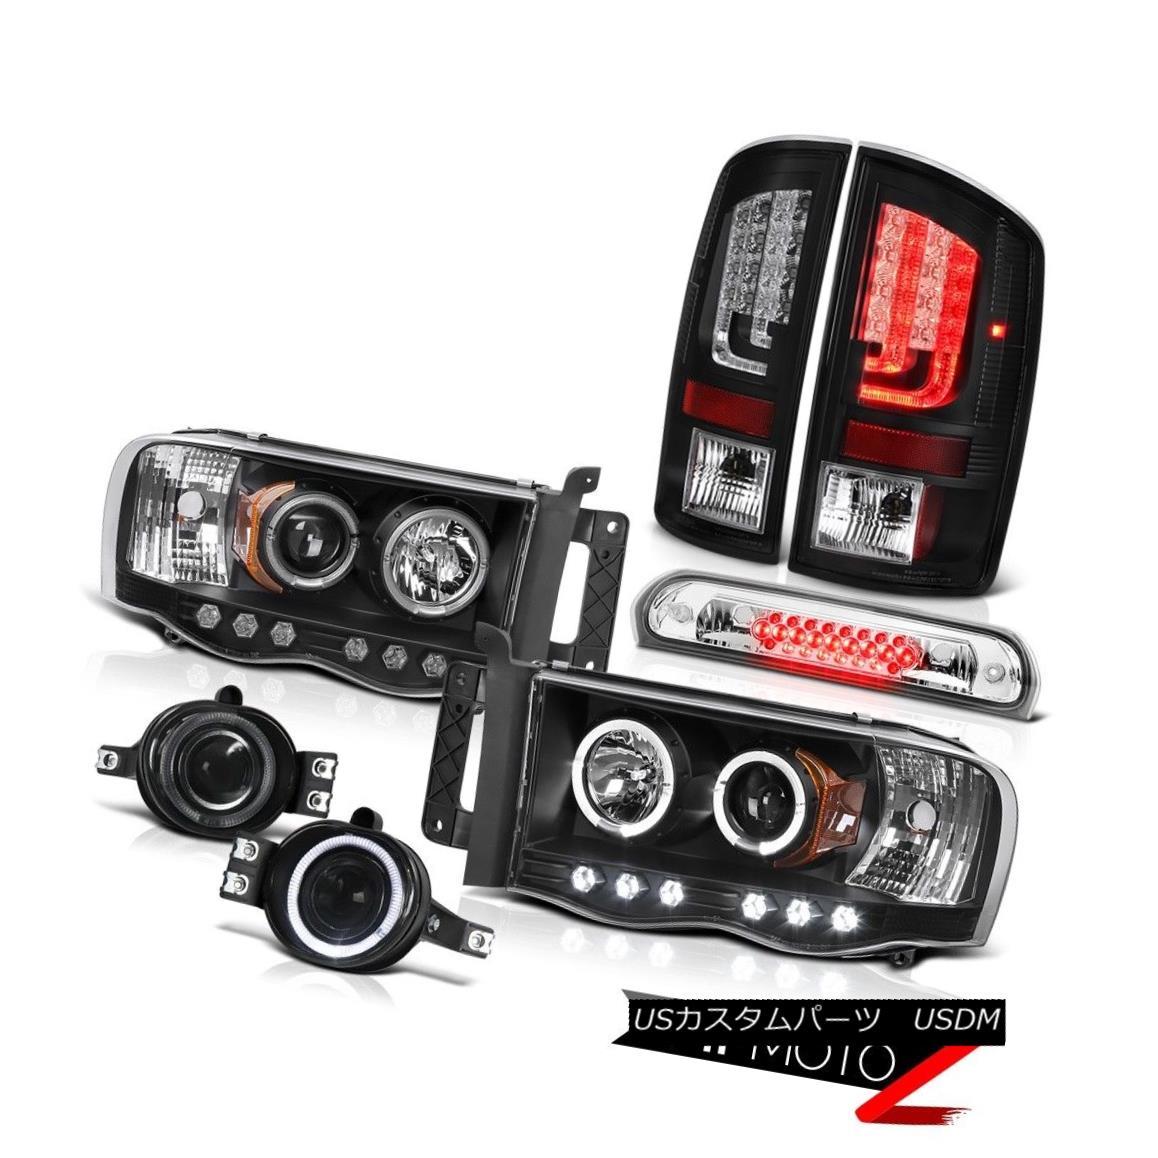 テールライト 2003-2005 Dodge Ram 2500 5.7L Tail Lamps Headlights Fog Roof Cab Lamp OLED Prism 2003-2005 Dodge Ram 2500 5.7LテールランプヘッドライトフォグルーフキャブランプOLEDプリズム